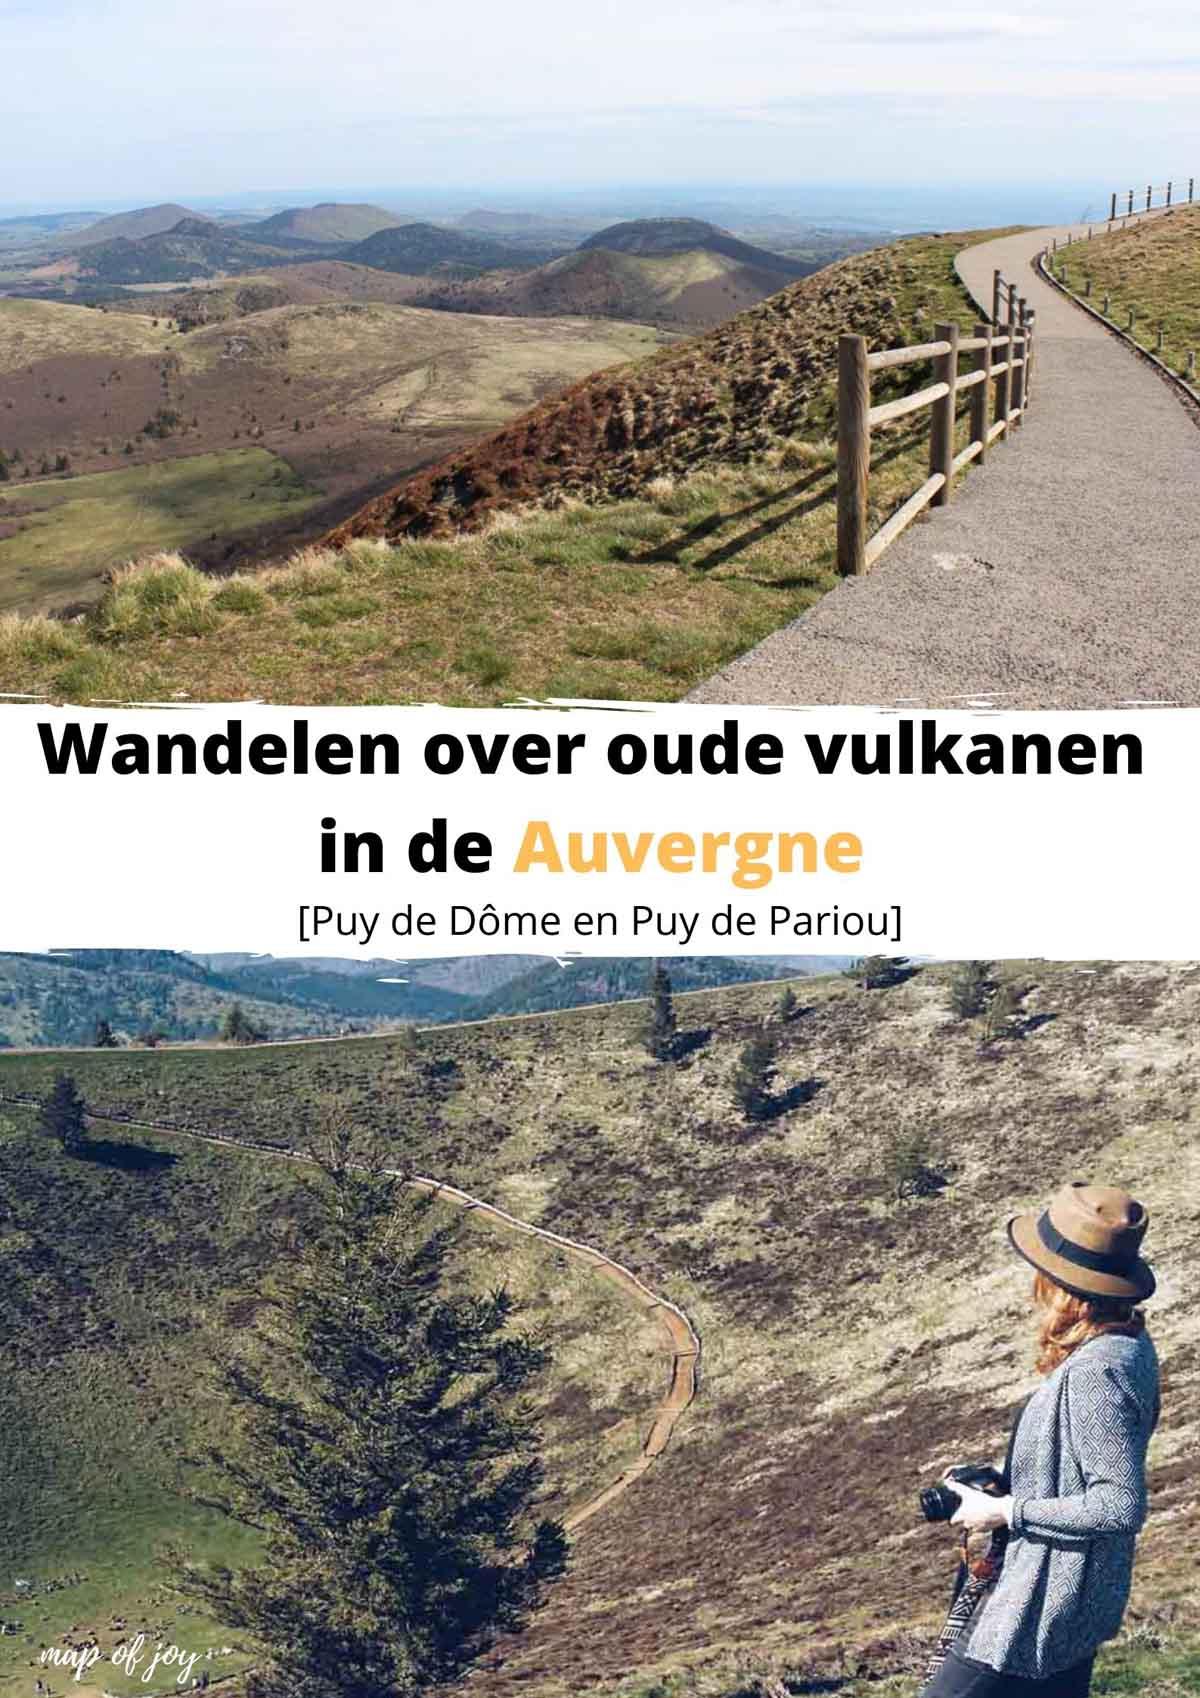 Wandelen over oude vulkanen in de Auvergne